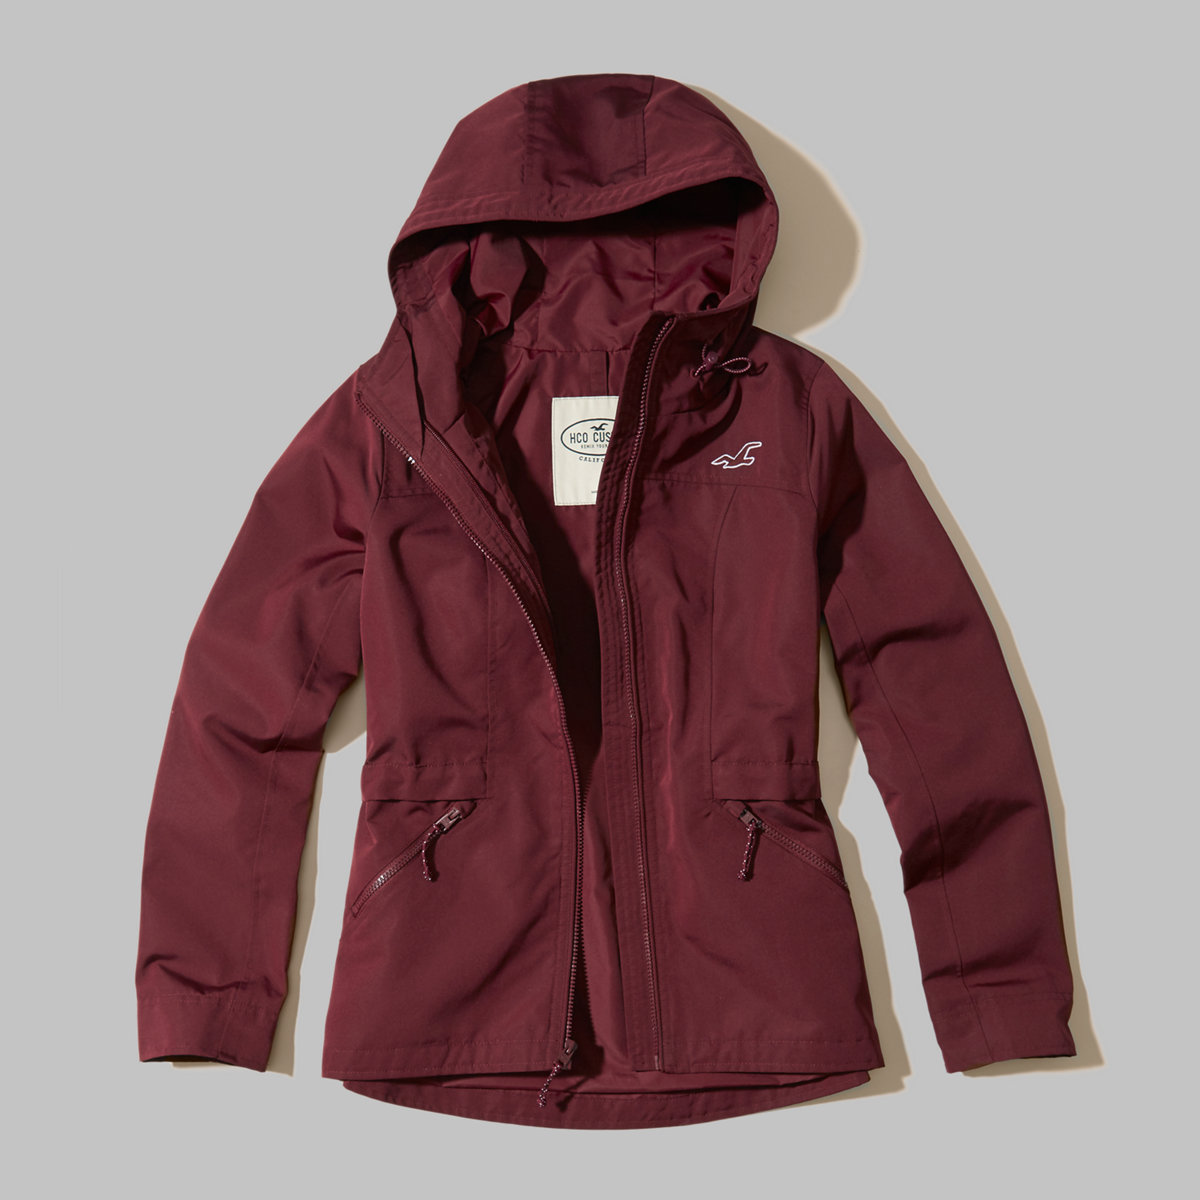 3-In-1 Nylon Jacket Shell